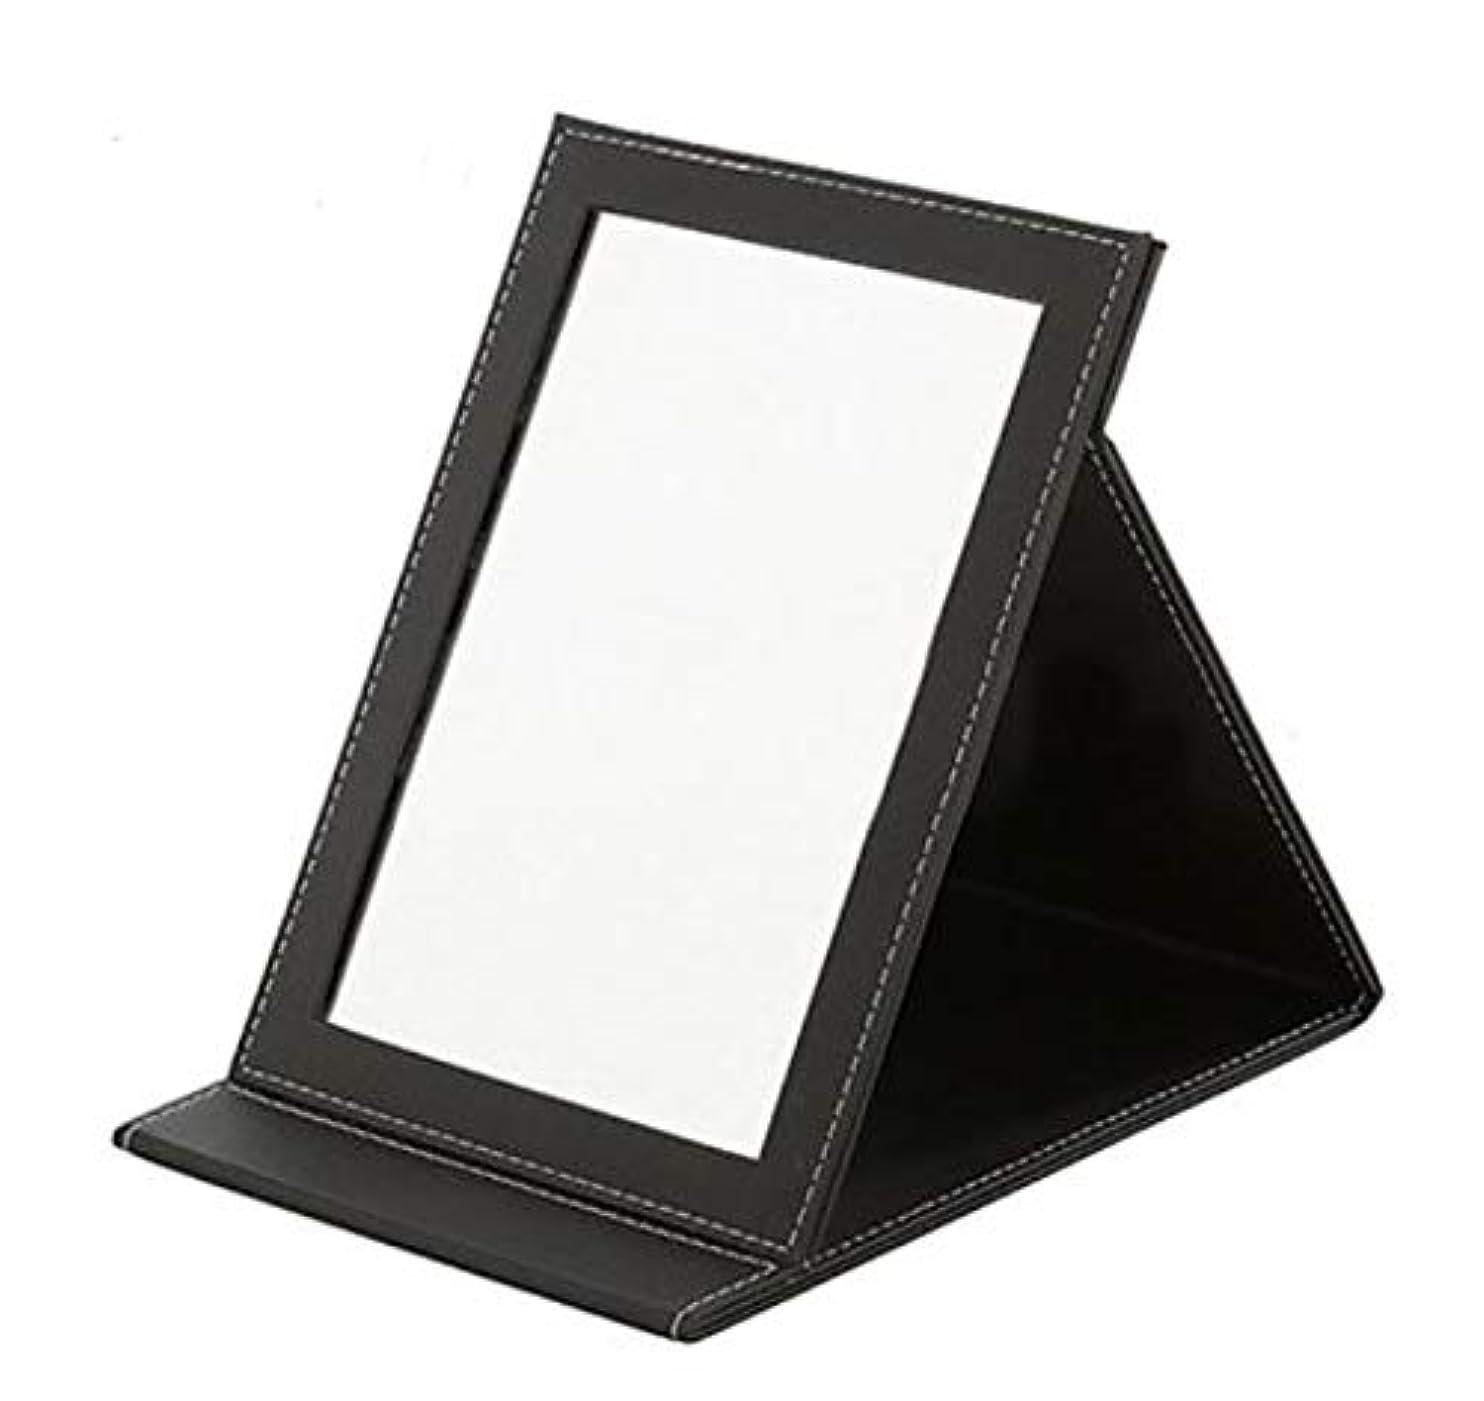 理容室平等改善するWONDER LABO》卓上ミラー 大型 折りたたみ化粧鏡 レザー調でおしゃれ 化粧ミラー かがみ テーブルミラー スタンドミラー 卓上鏡 メイク鏡 メイク用 おしゃれ 手鏡 (L, ブラック)